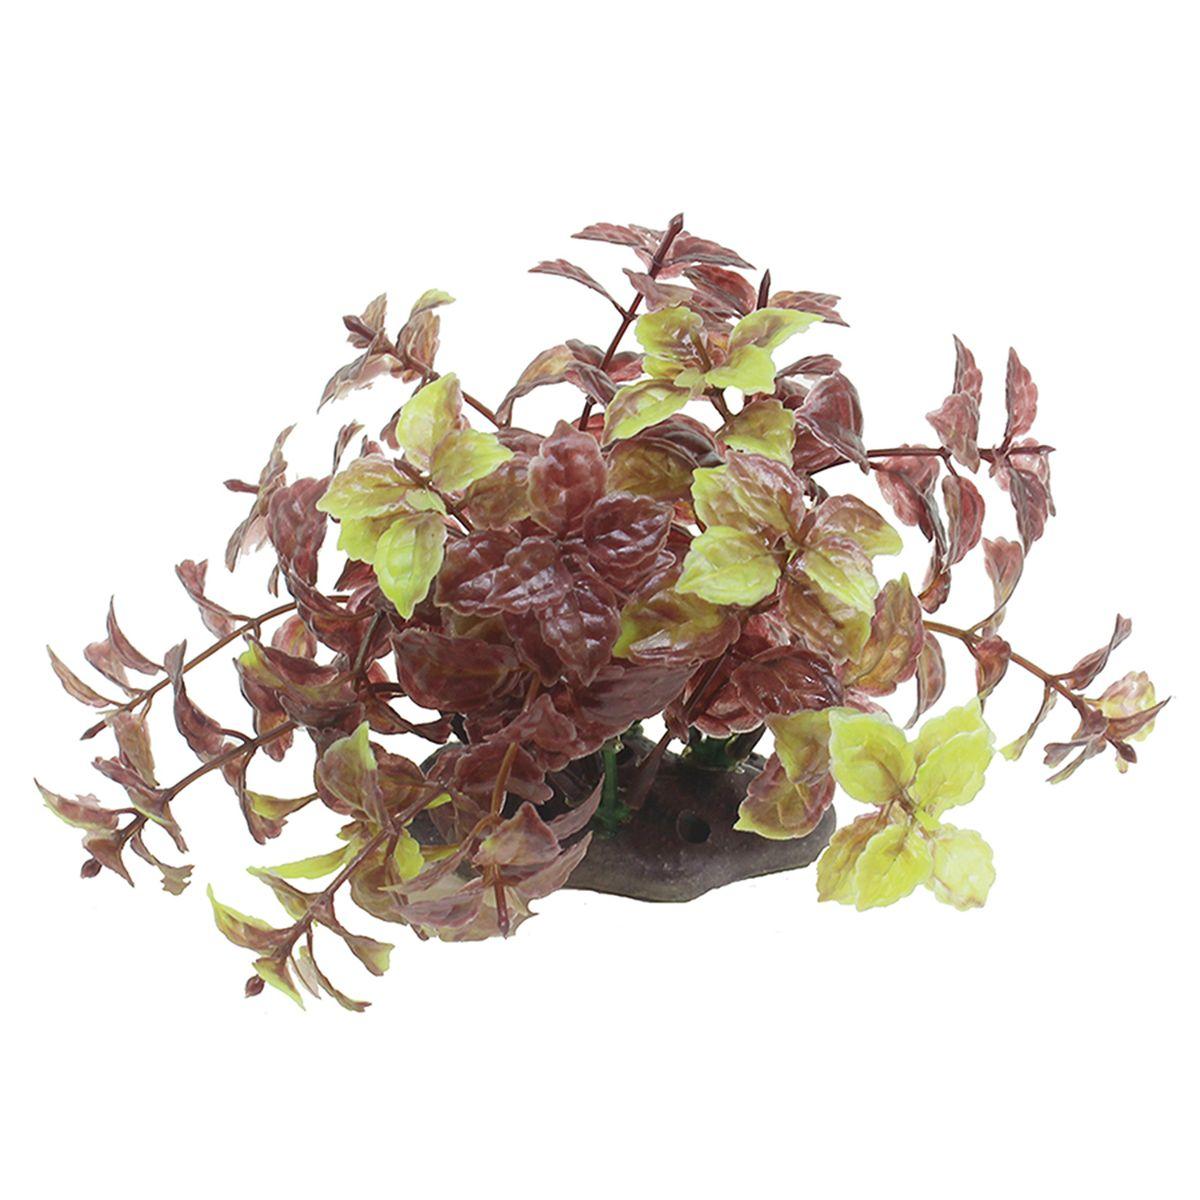 Растение для аквариума ArtUniq Хемиграфис, высота 10-12 смART-1192112Растение для аквариума ArtUniq Хемиграфис, высота 10-12 см